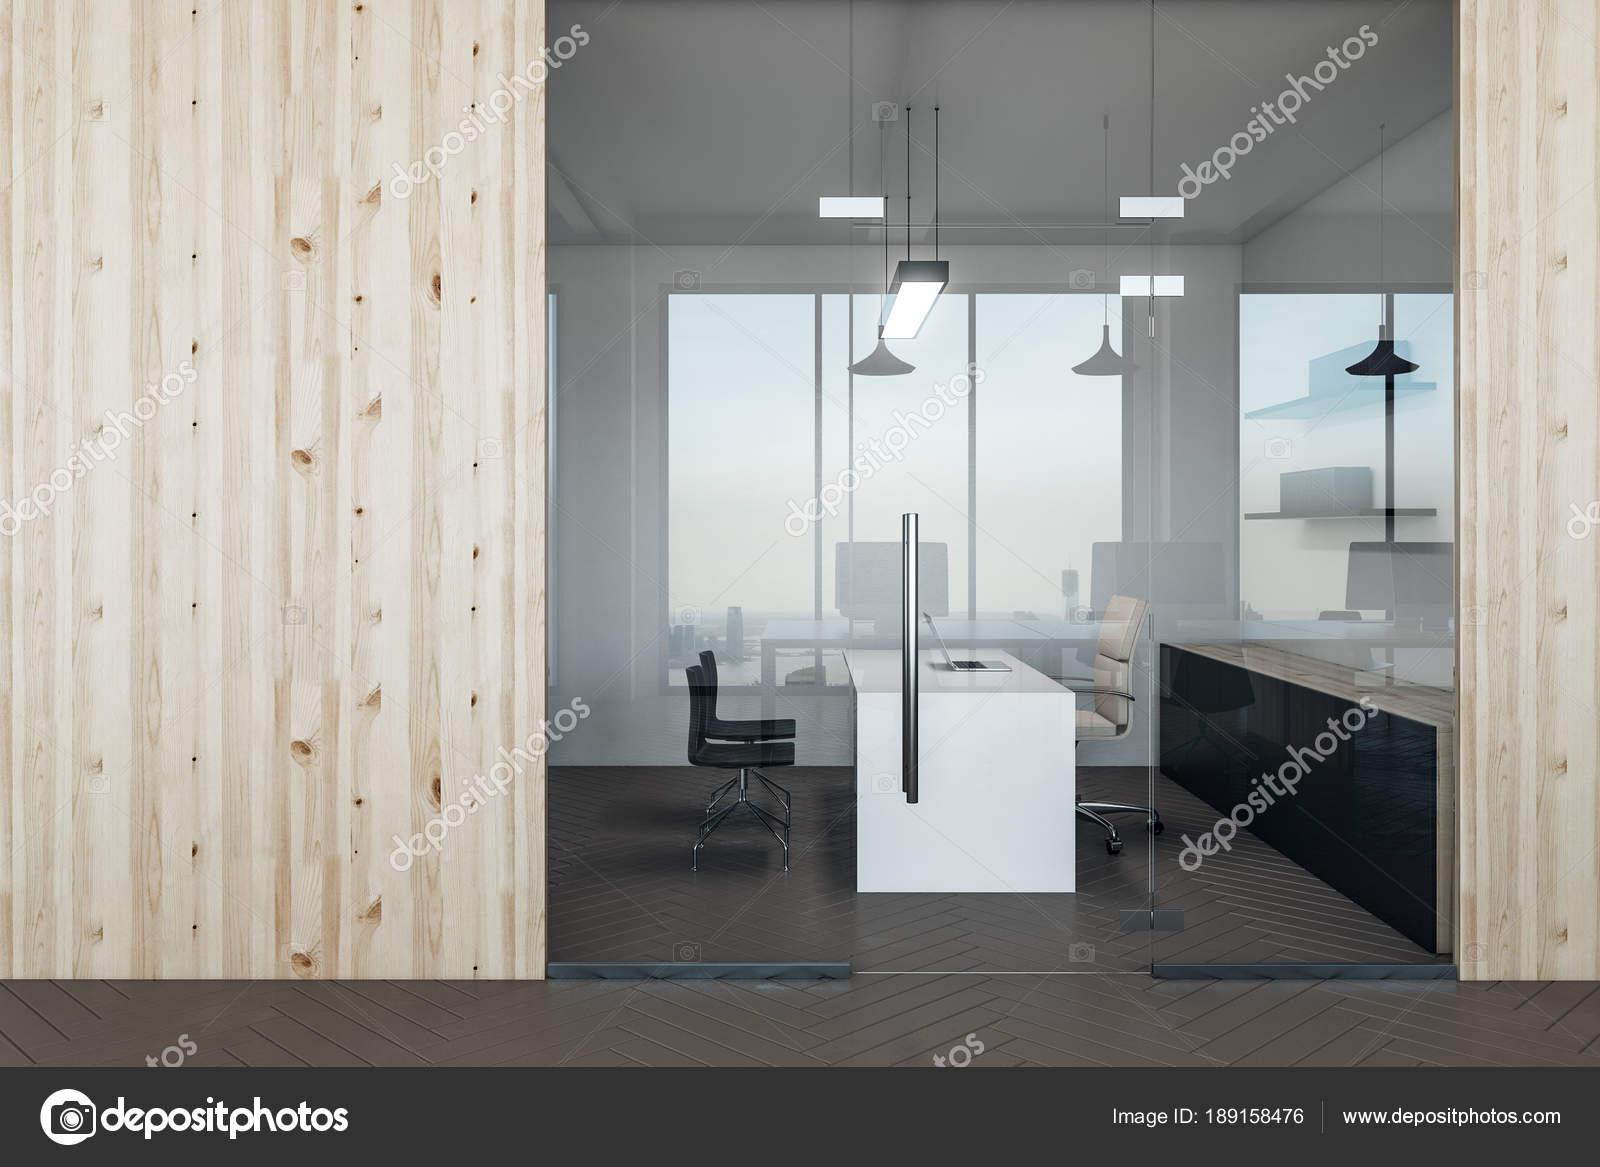 Ufficio Moderno Foto : Ufficio moderno con parete vuota u foto stock peshkova